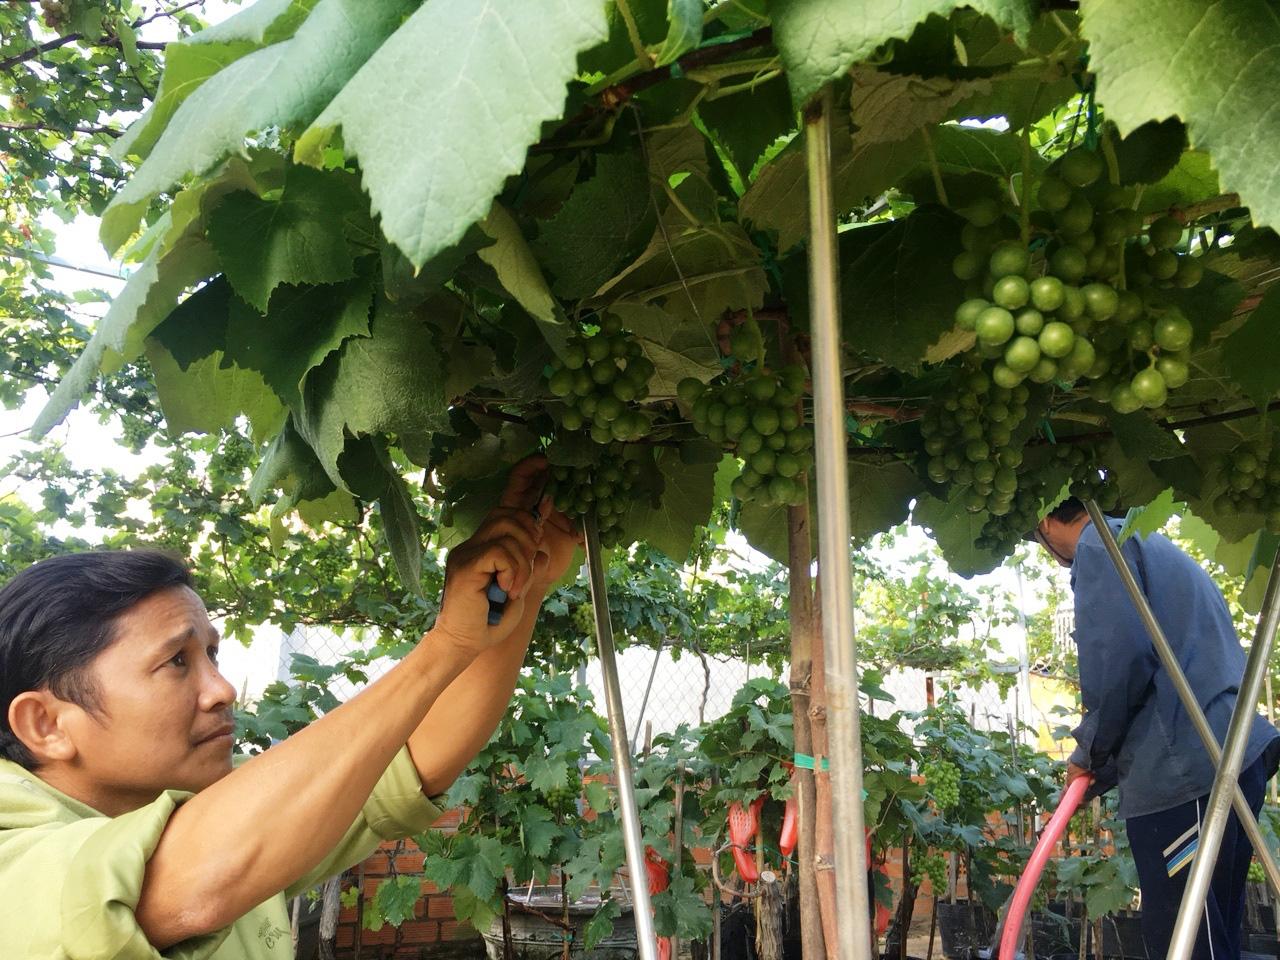 Nho cảnh Ninh Thuận giá bạc triệu rục rịch ra chợ Tết - Ảnh 1.